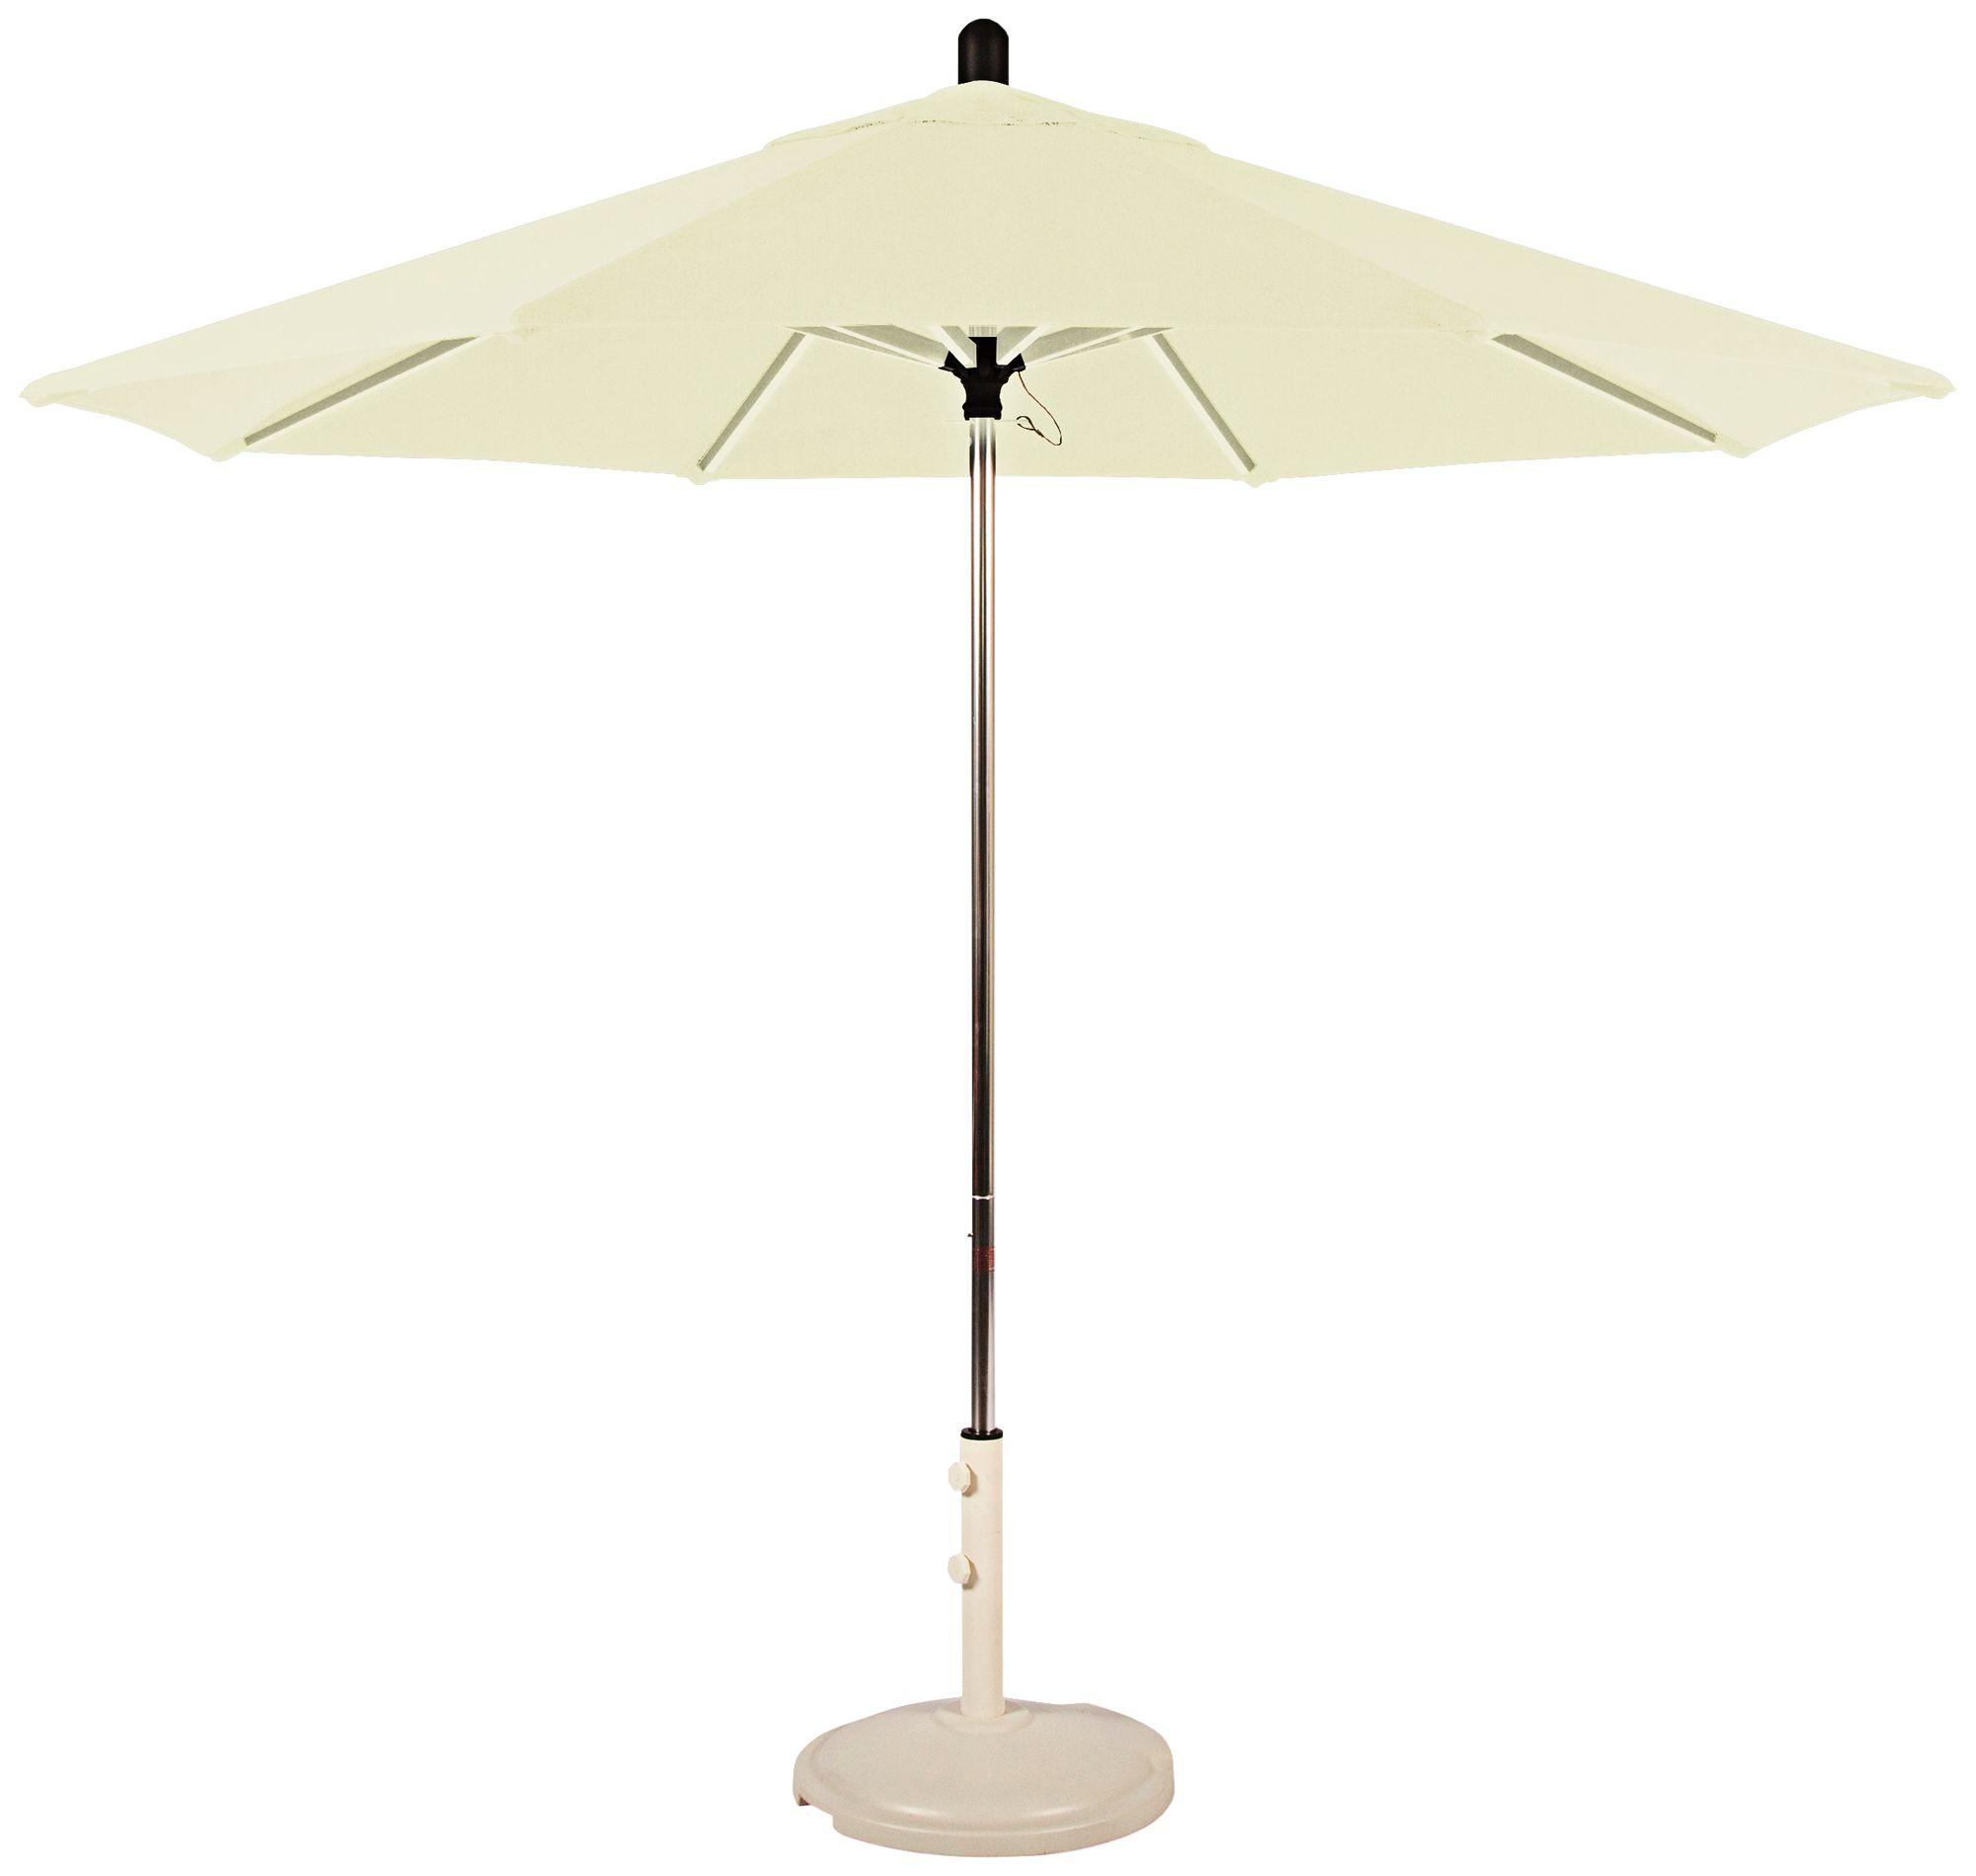 Santa Barbara 8 3/4 Foot Natural Sunbrella Patio Umbrella